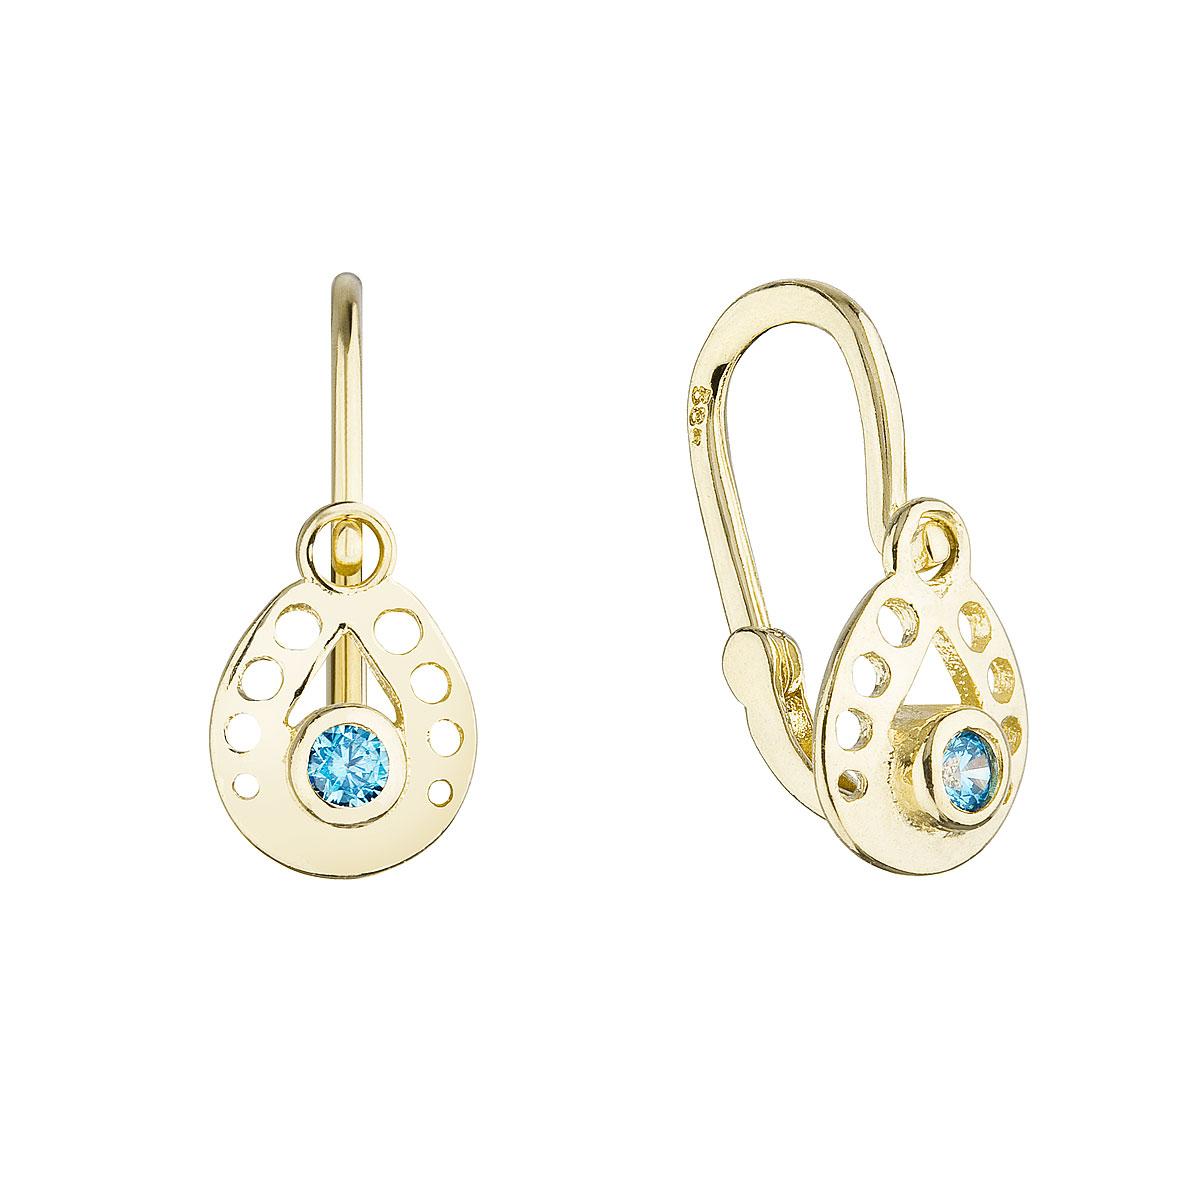 Zlaté detské náušnice visiace slzičky s modrým okrúhlym zirkónom 991016.3